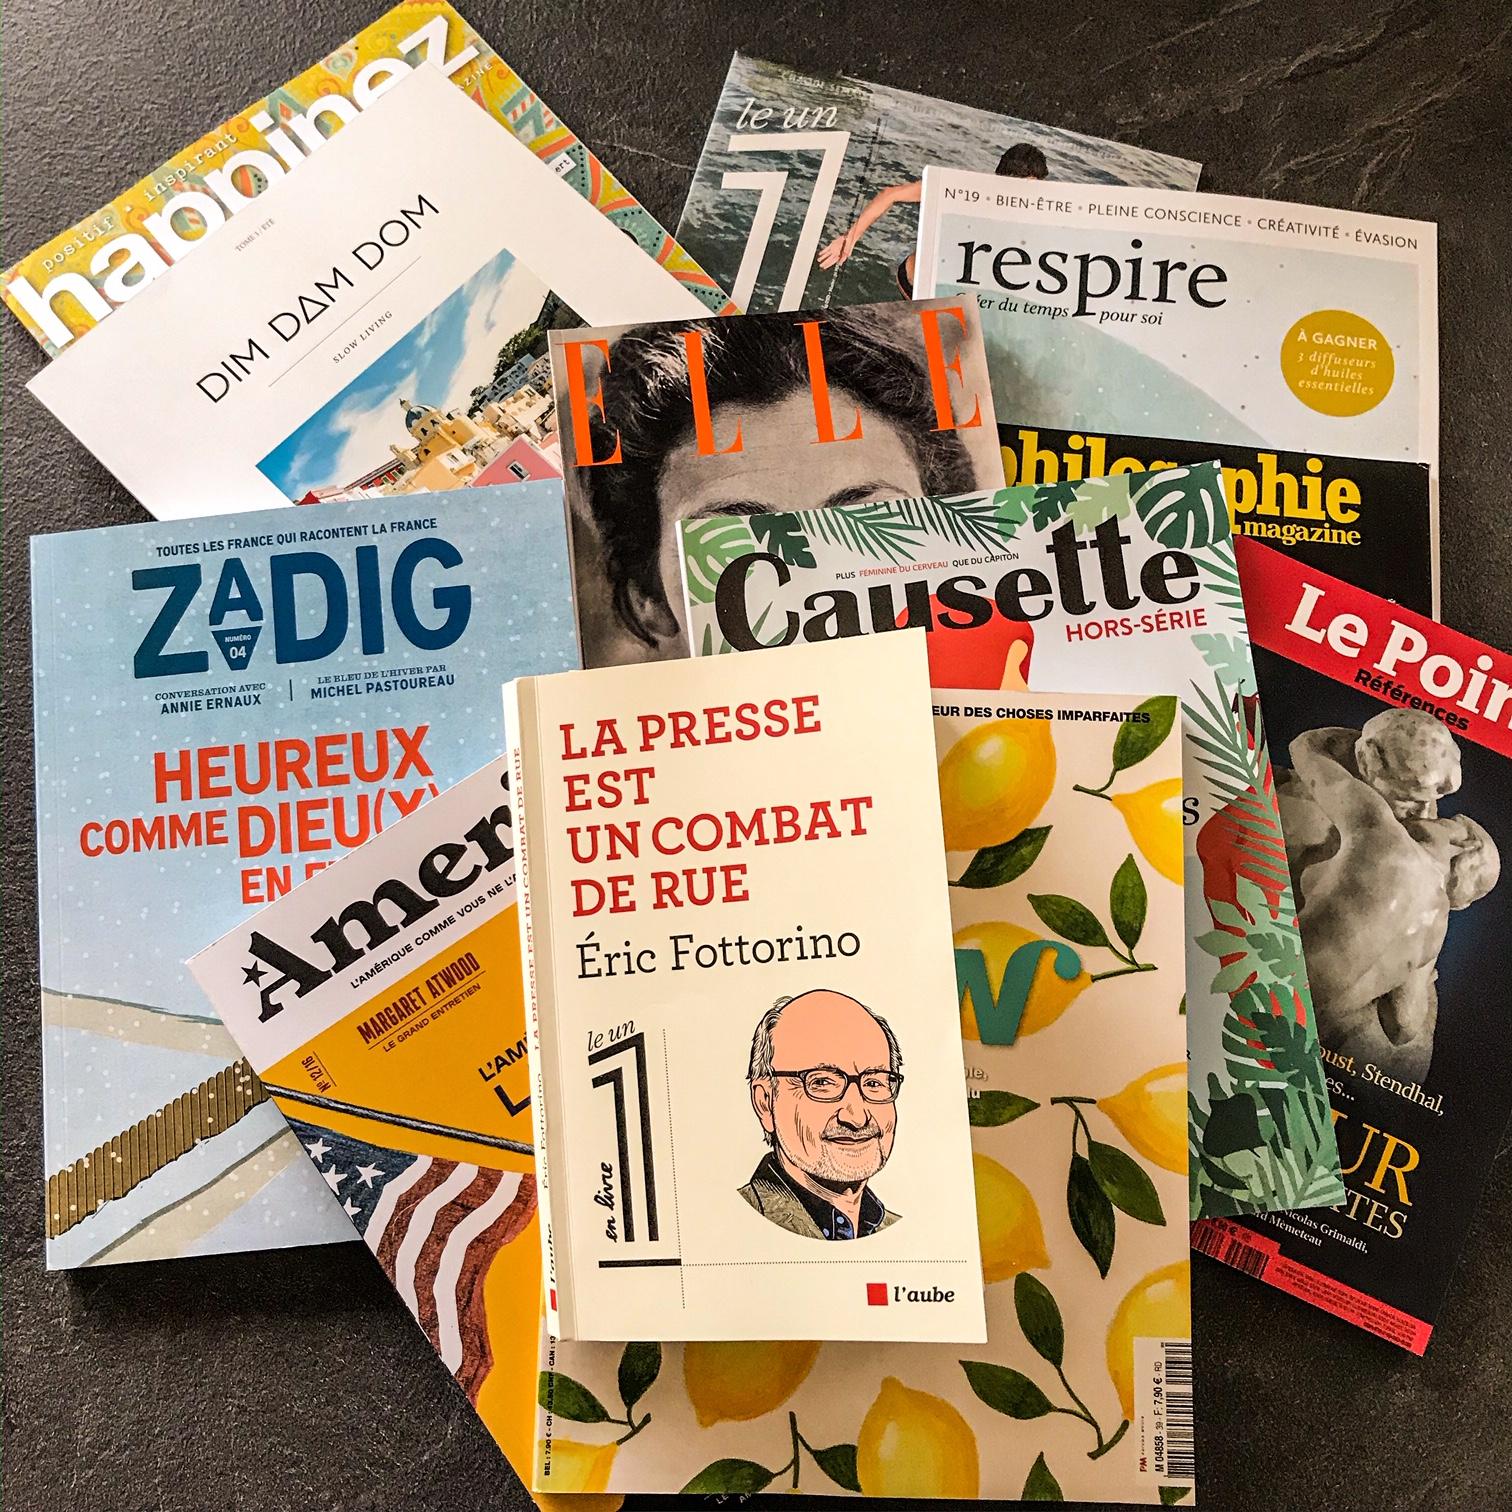 La presse est un combat de rue, d'Eric Fottorino : aux kiosques citoyens !